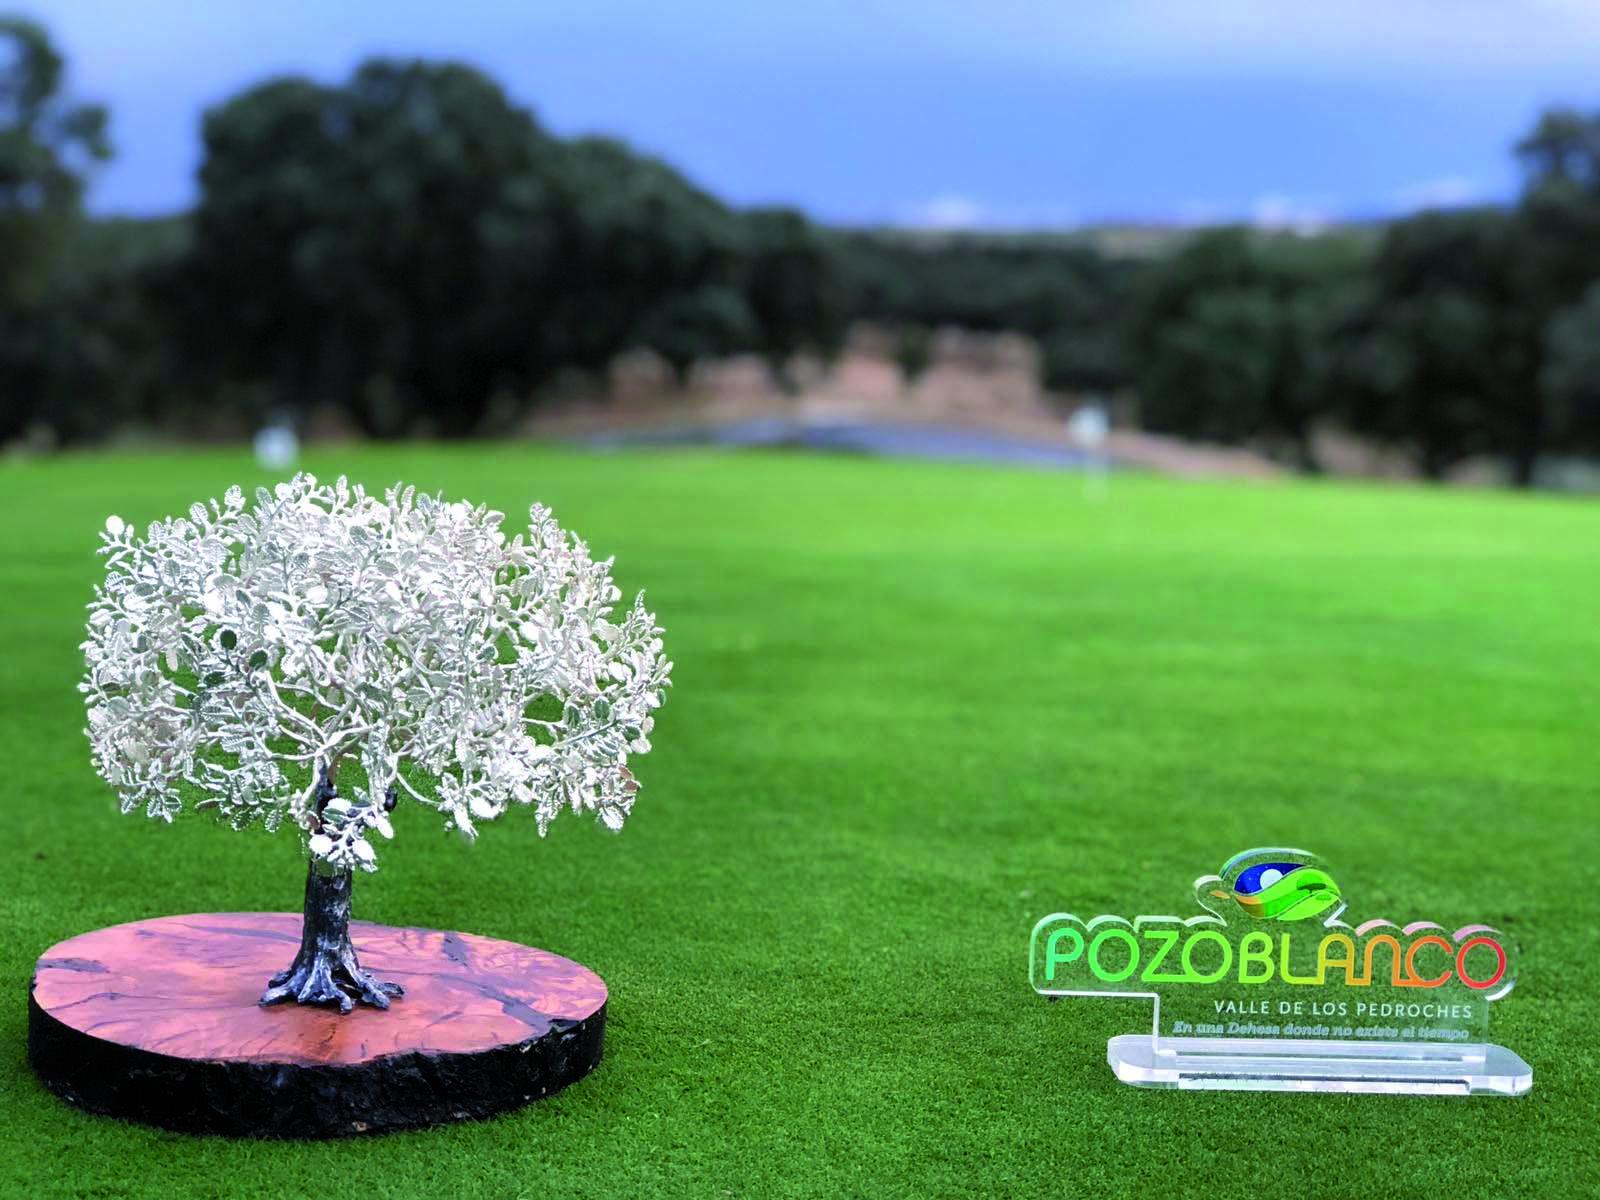 I Torneo Nacional PGA de Golf Pozoblanco 2018